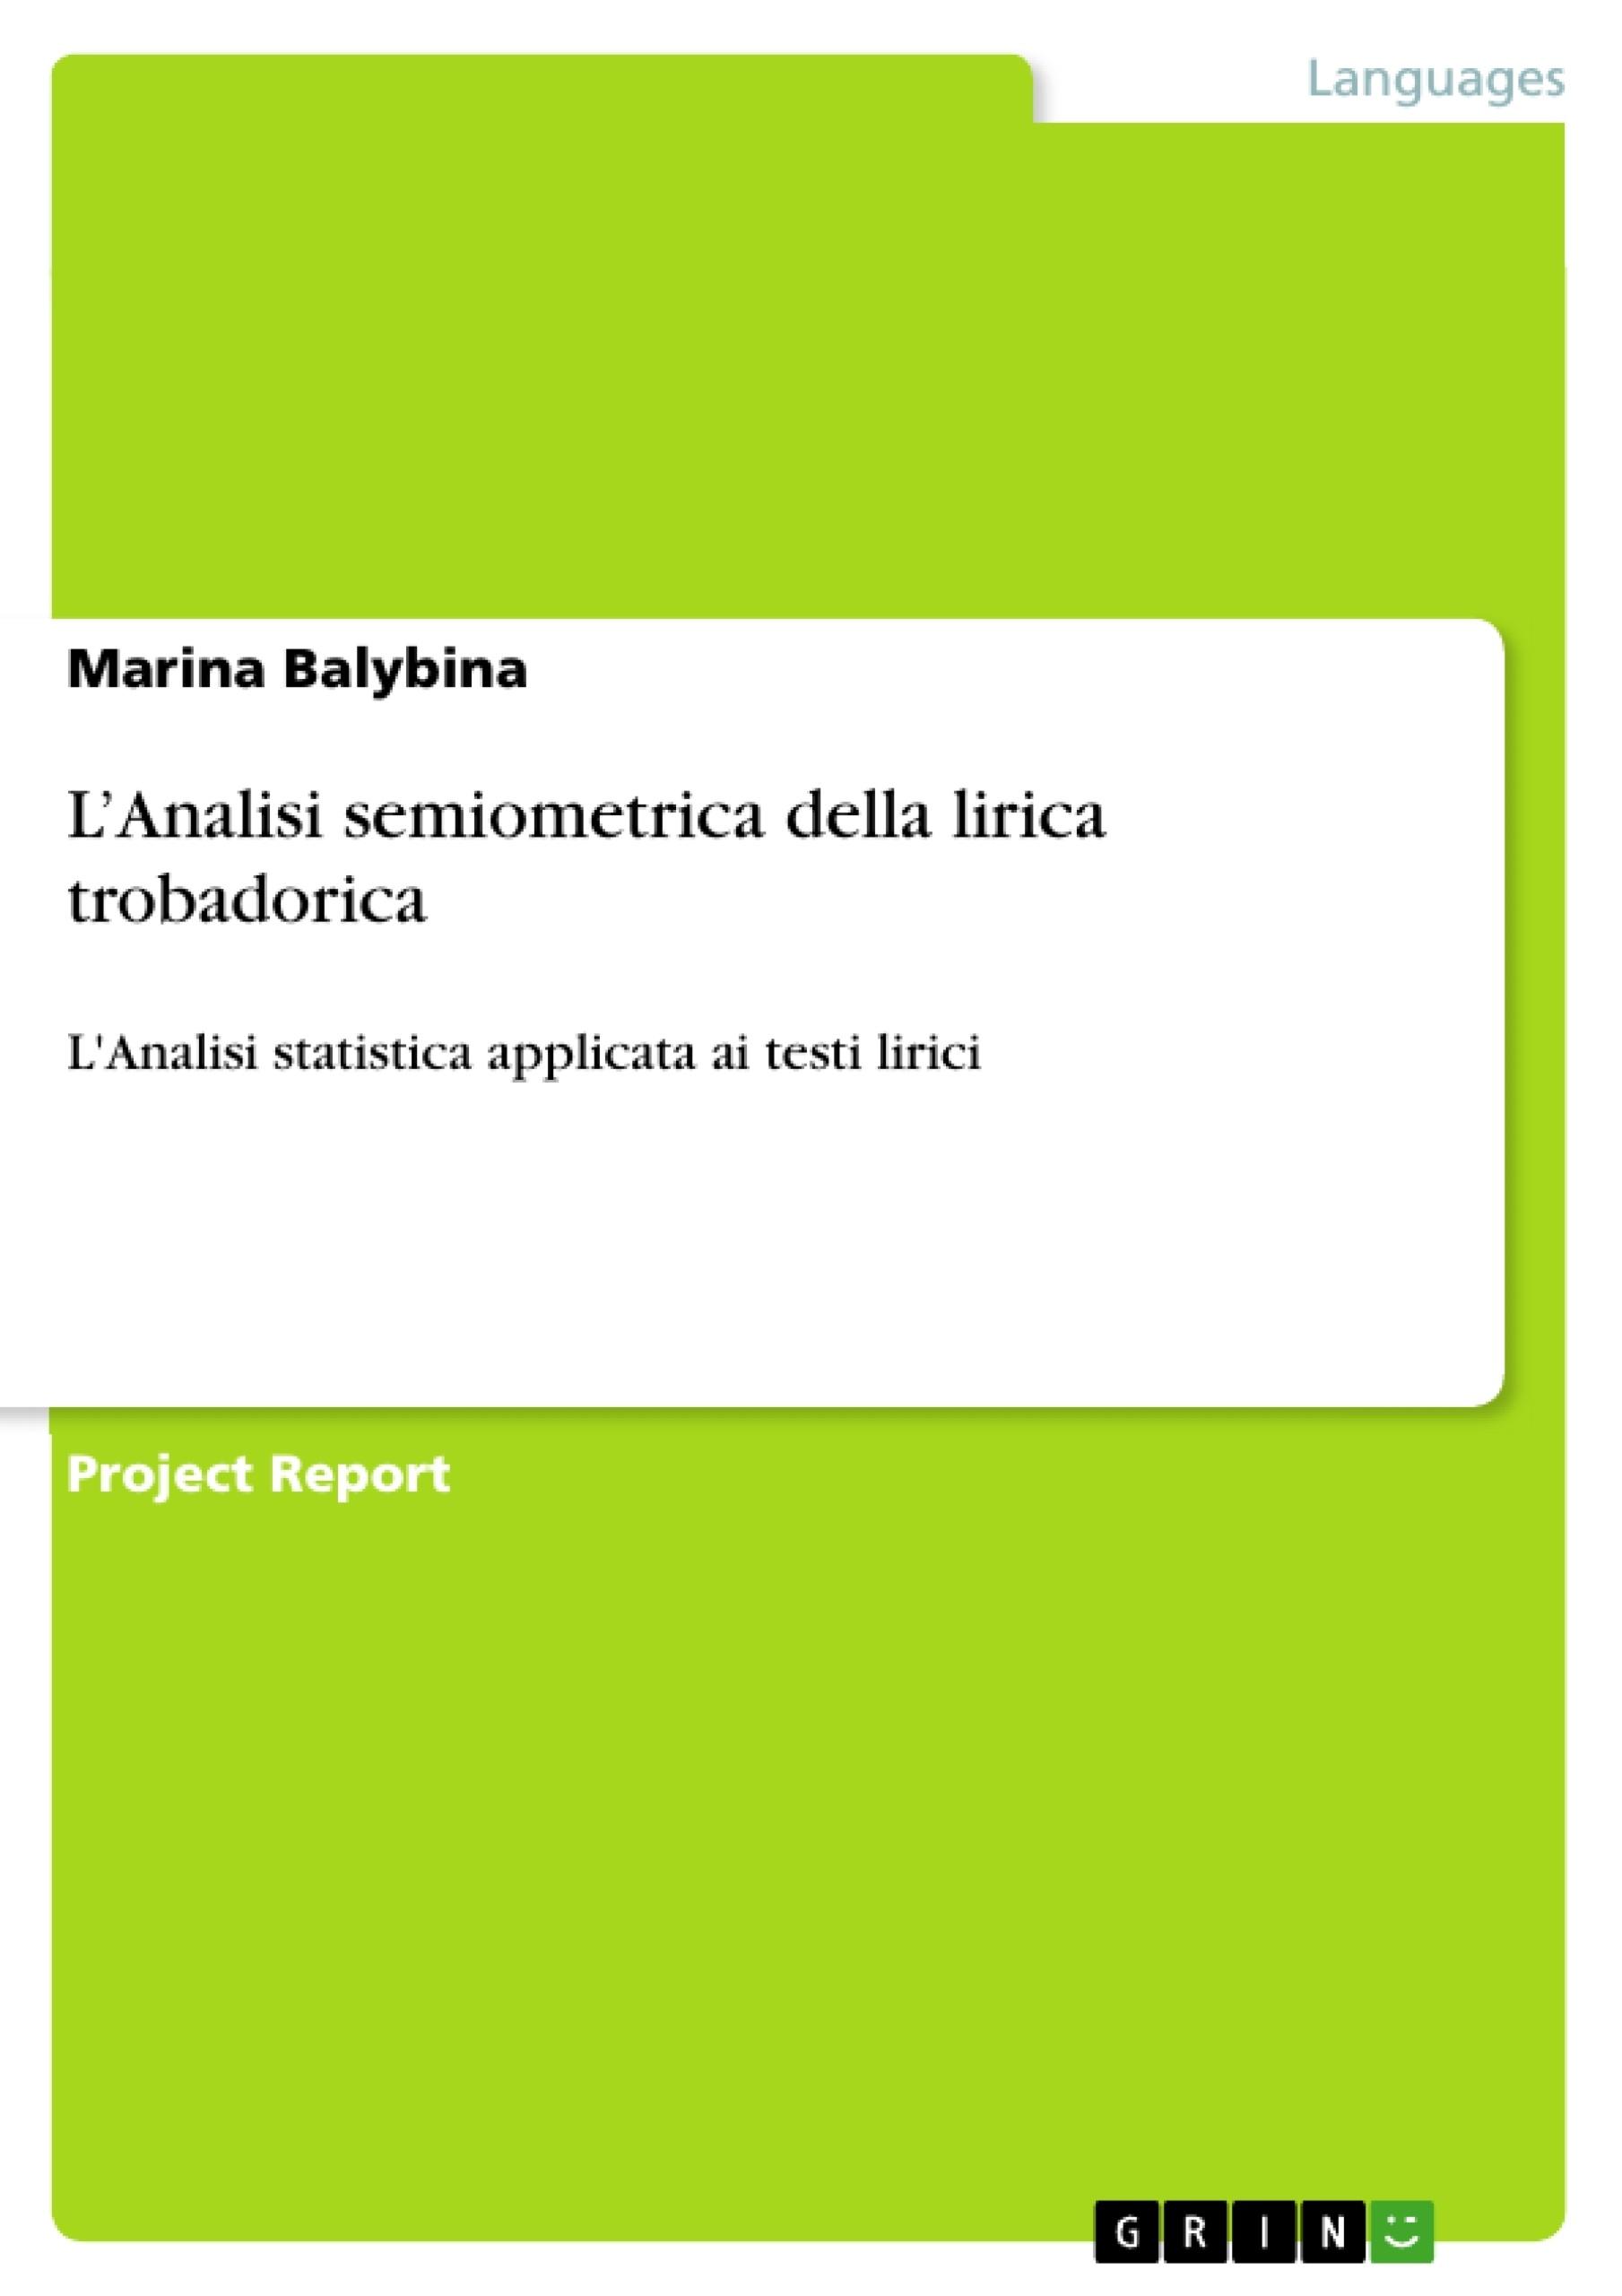 Title: L'Analisi semiometrica della lirica trobadorica